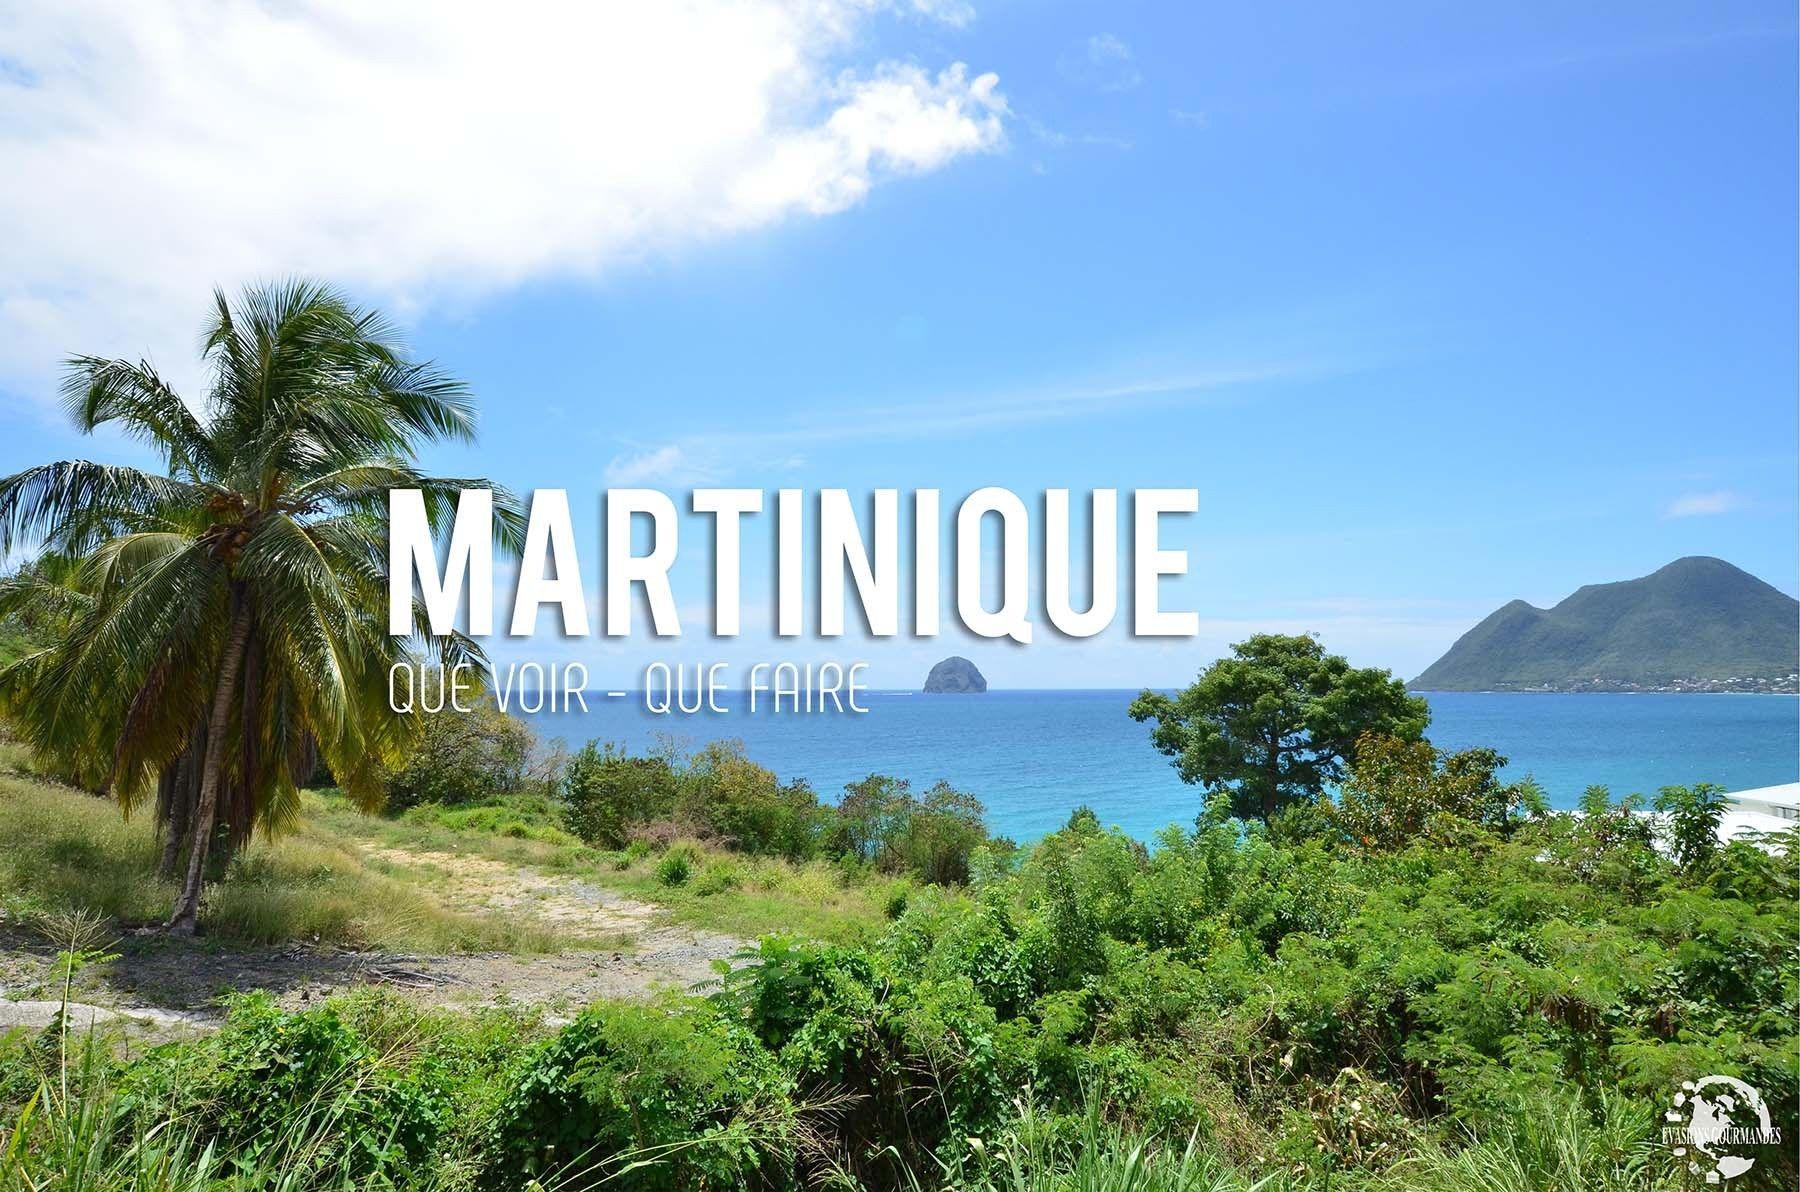 voyage en martinique id es de visites et d activit s pour un s jour de r ve martinique. Black Bedroom Furniture Sets. Home Design Ideas